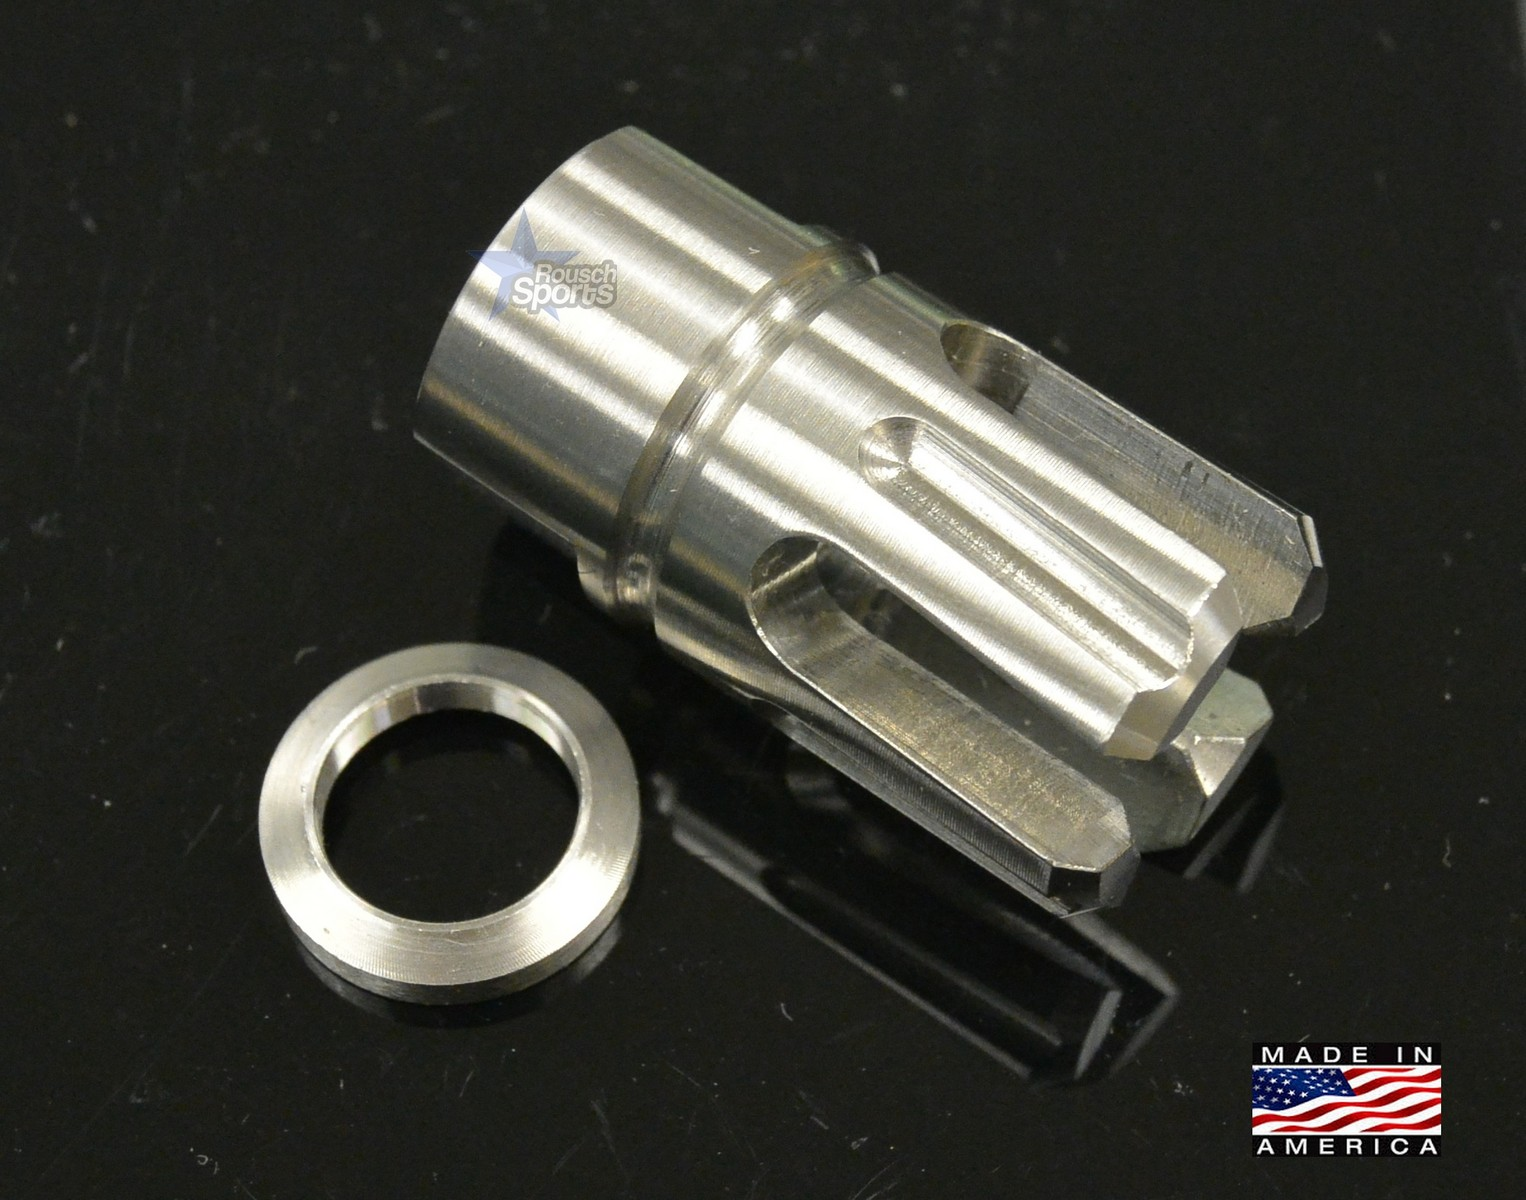 Stainless Steel Rampage XS 4 Prong Flash Hider 9mm 6.5 Grendel M16 M4 AR15 AR Austin Texas Best Discount Wholesale Price Accessories Rifle Pistol Handgun Long Gun